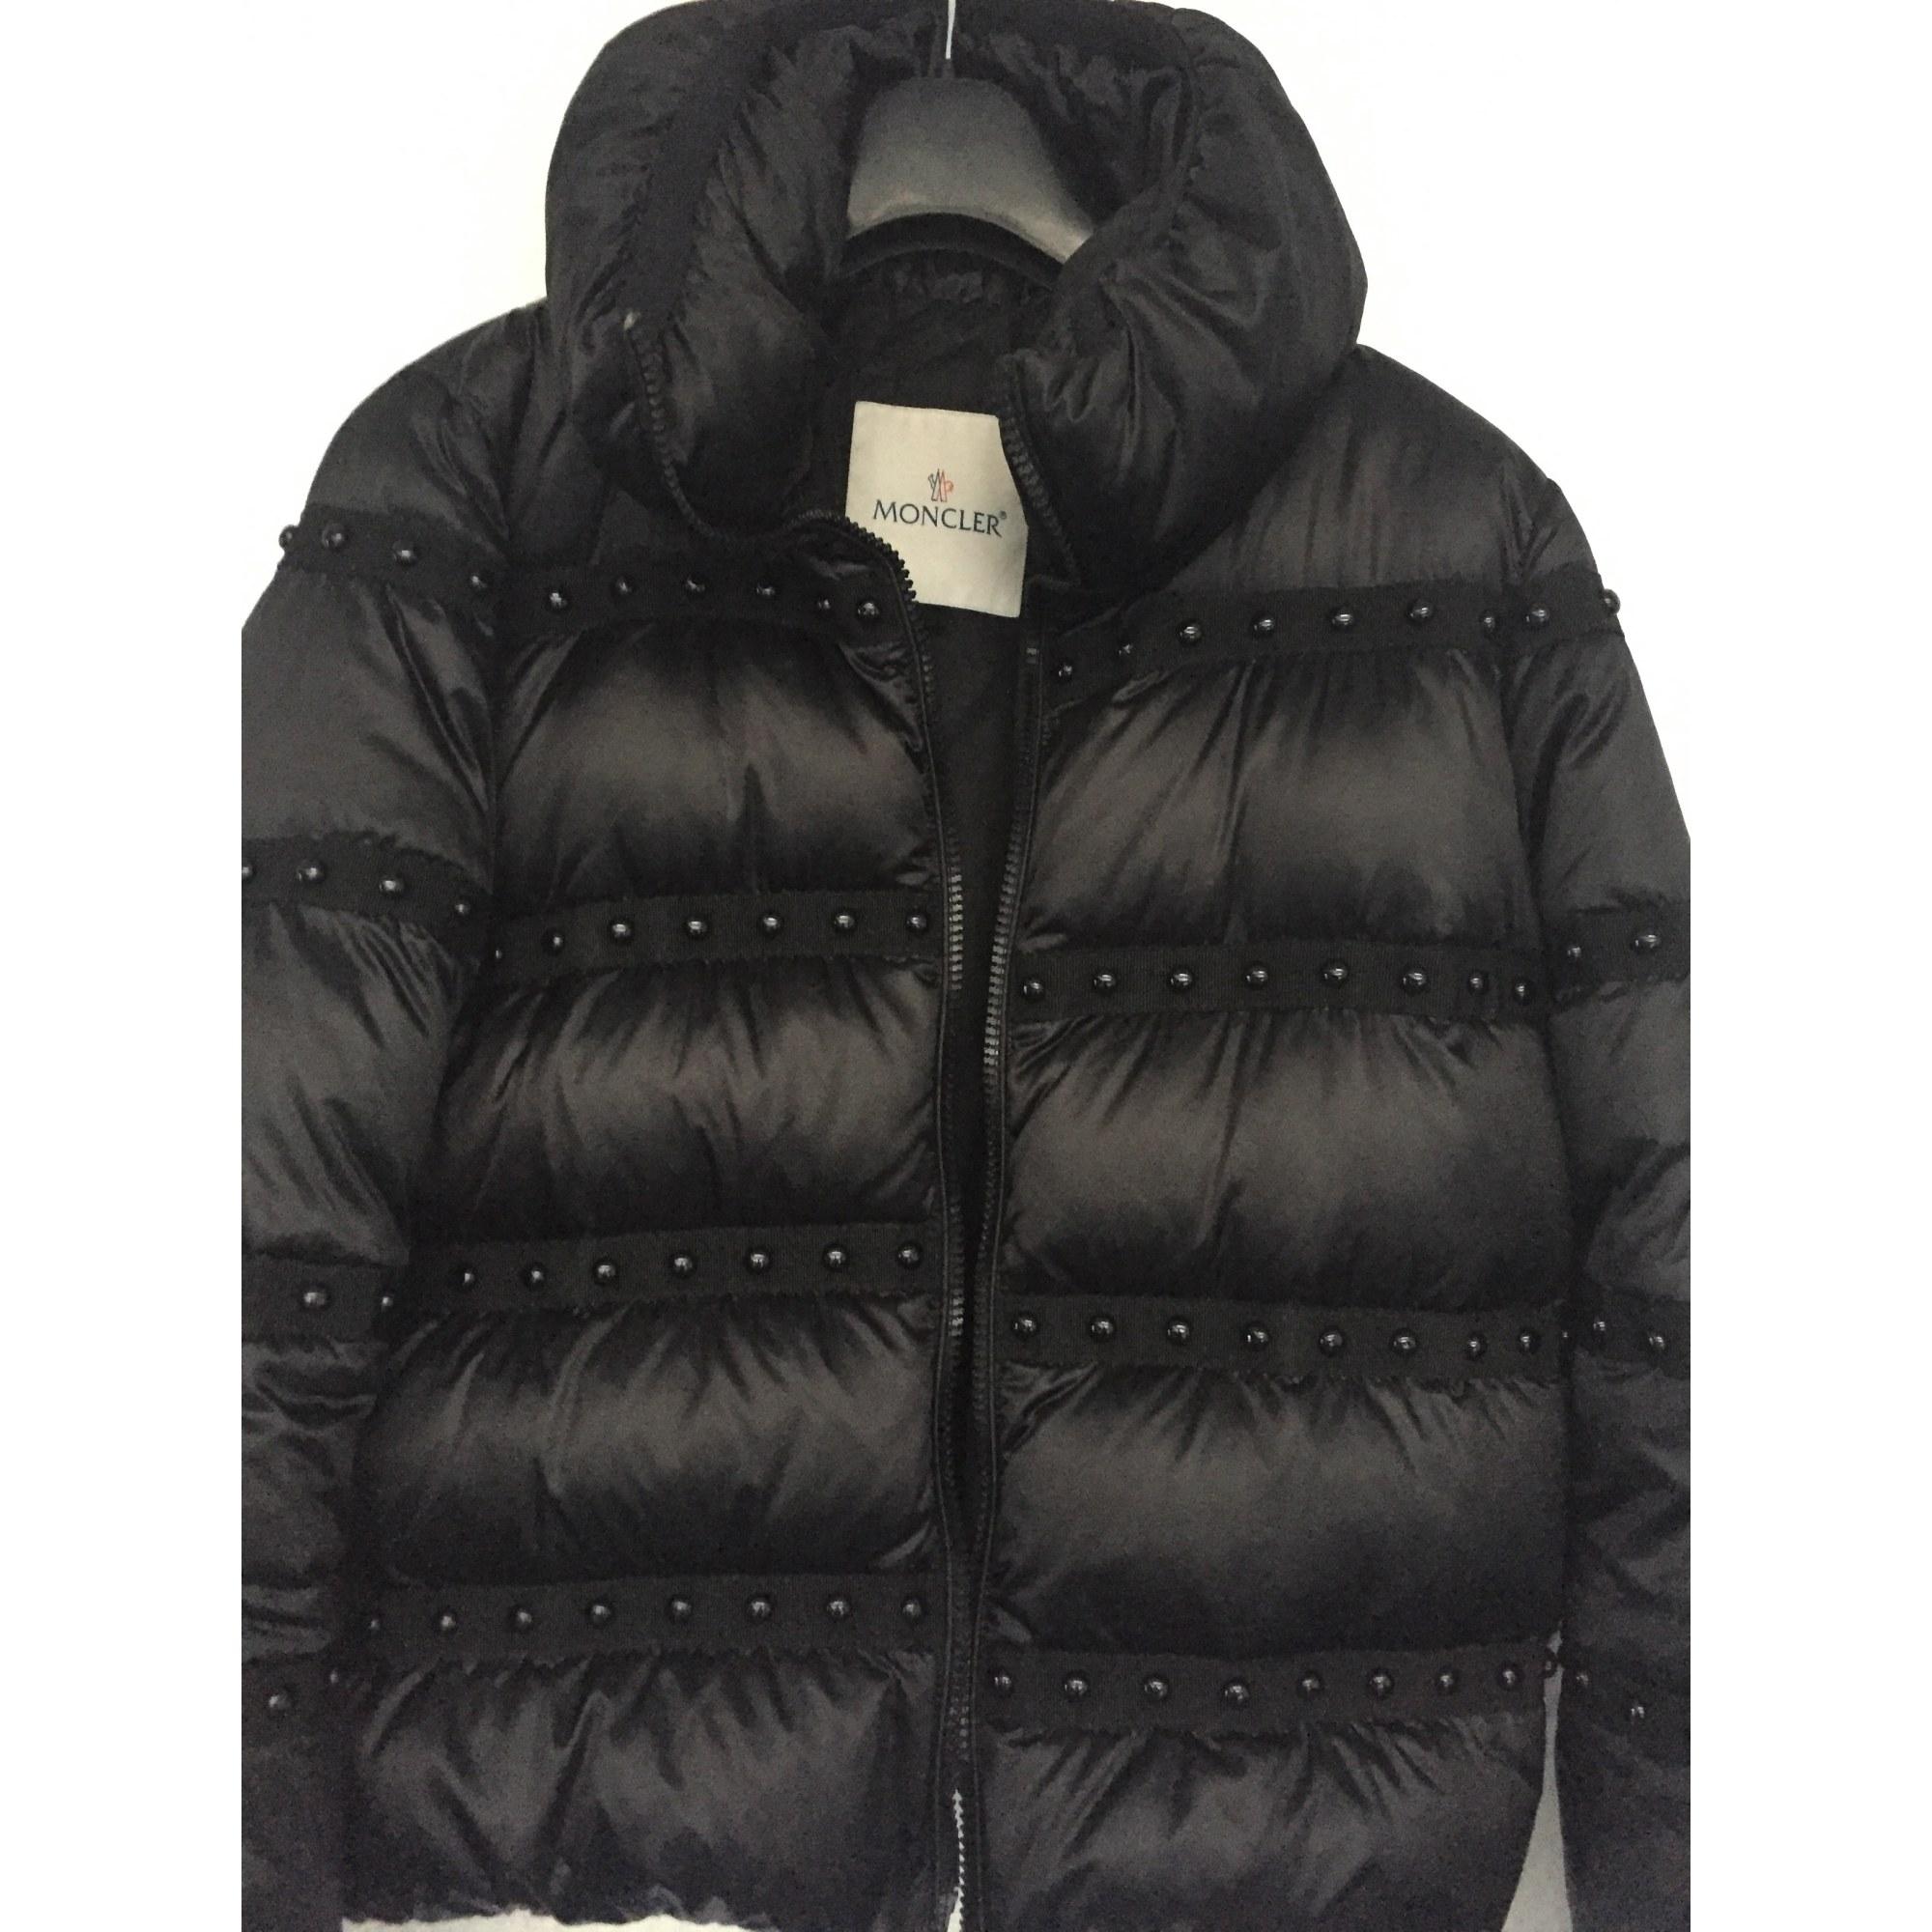 Doudoune MONCLER 34 (XS, T0) noir vendu par Rosy 3423616 - 3276156 59a00965ef9